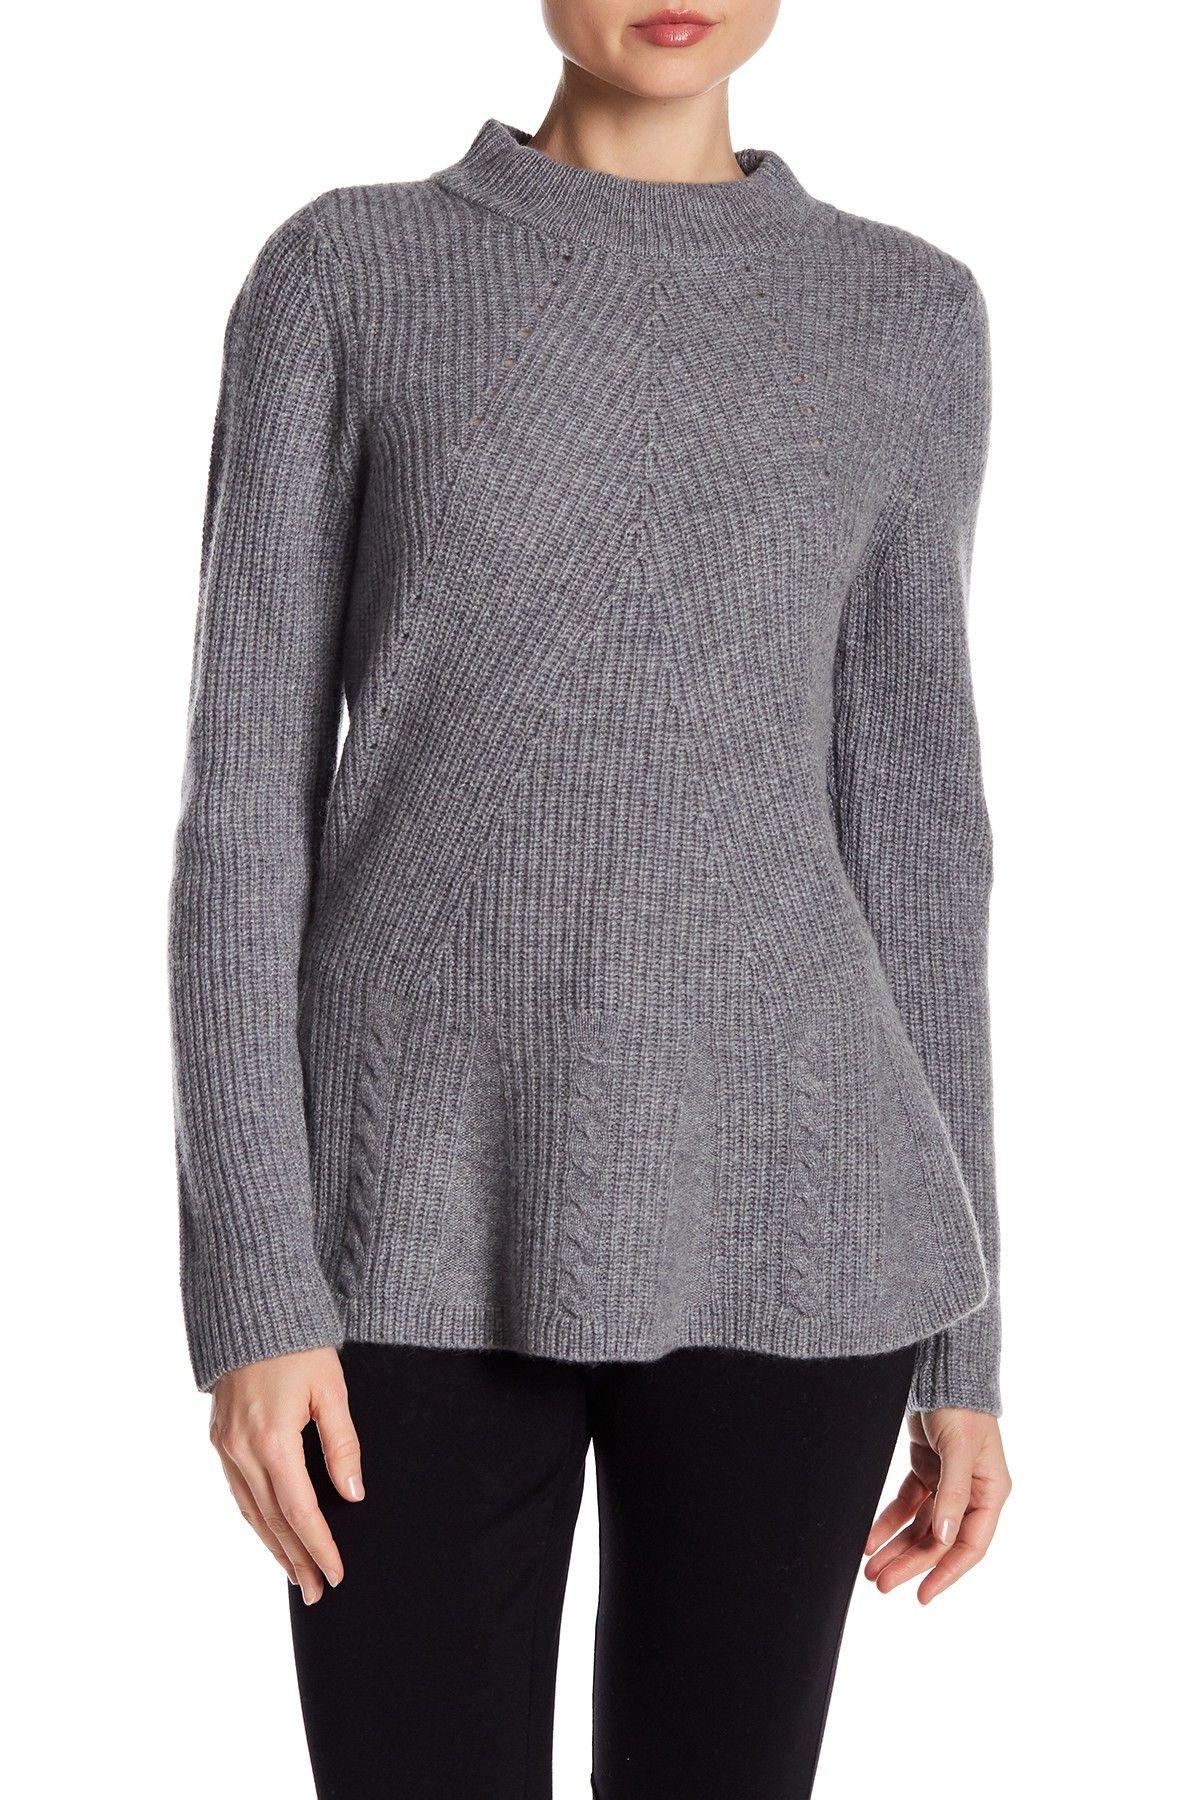 Design History Cashmere Pullover Pullover, Cashmere